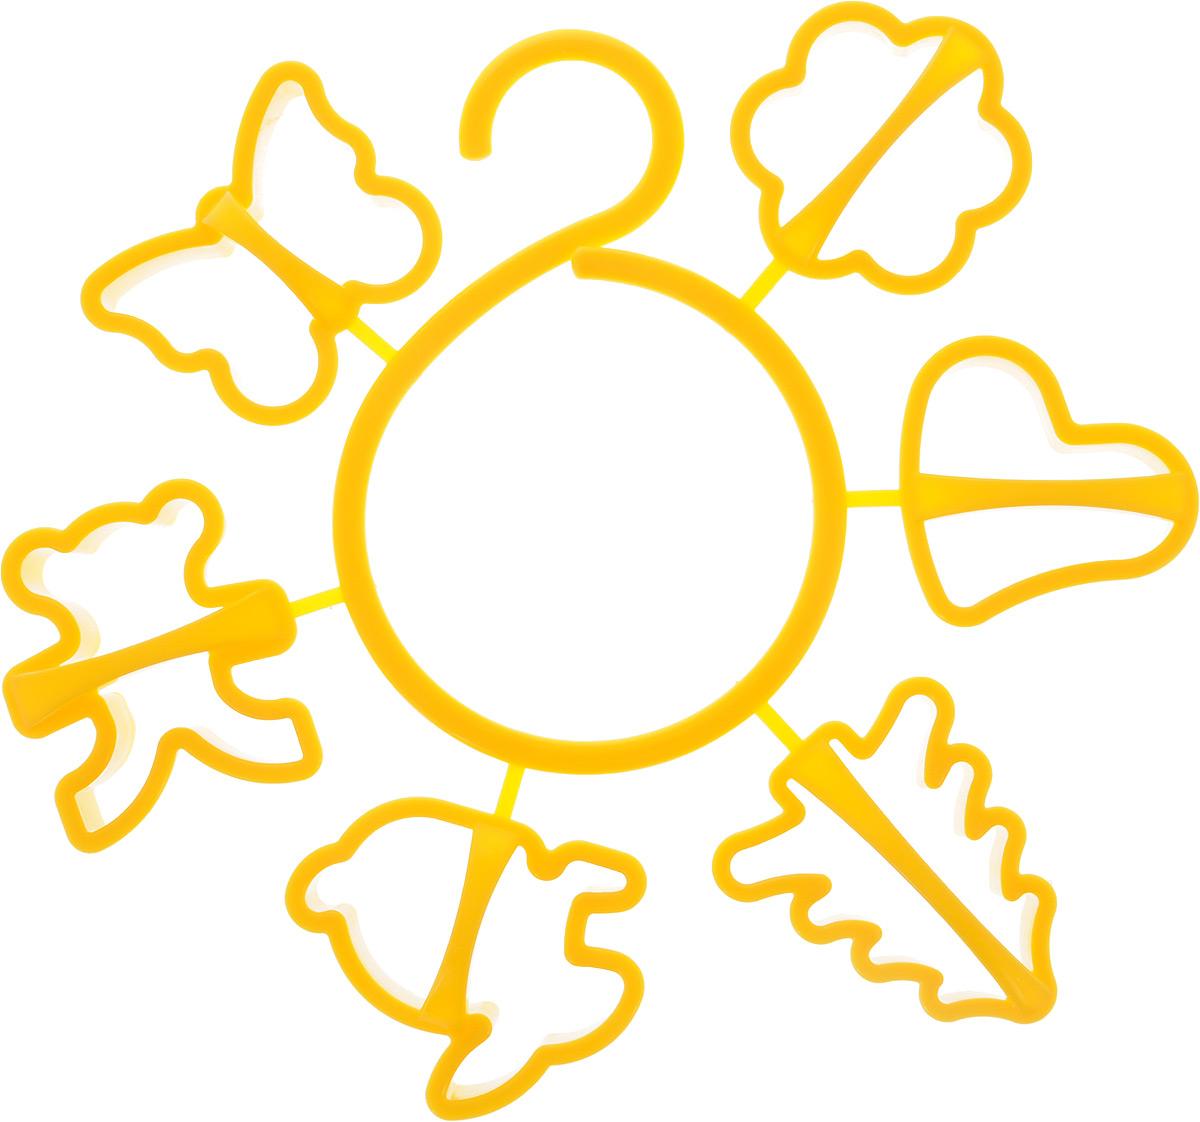 Набор форм для печенья Idea, цвет: желтый, 6 шт391602Набор Idea состоит из 6 форм, выполненных из полипропилена. Формы предназначены для приготовления печенья оригинальных форм. Набор позволит приготовить выпечку по вашему любимому рецепту, но в оригинальном праздничном оформлении, которое придется по душе всей семье.В комплекте входит специальный круговой крючок на который можно надеть формочки и повесить на кухне. Средний размер форм: 6,5 х 6 х 2,5 см.